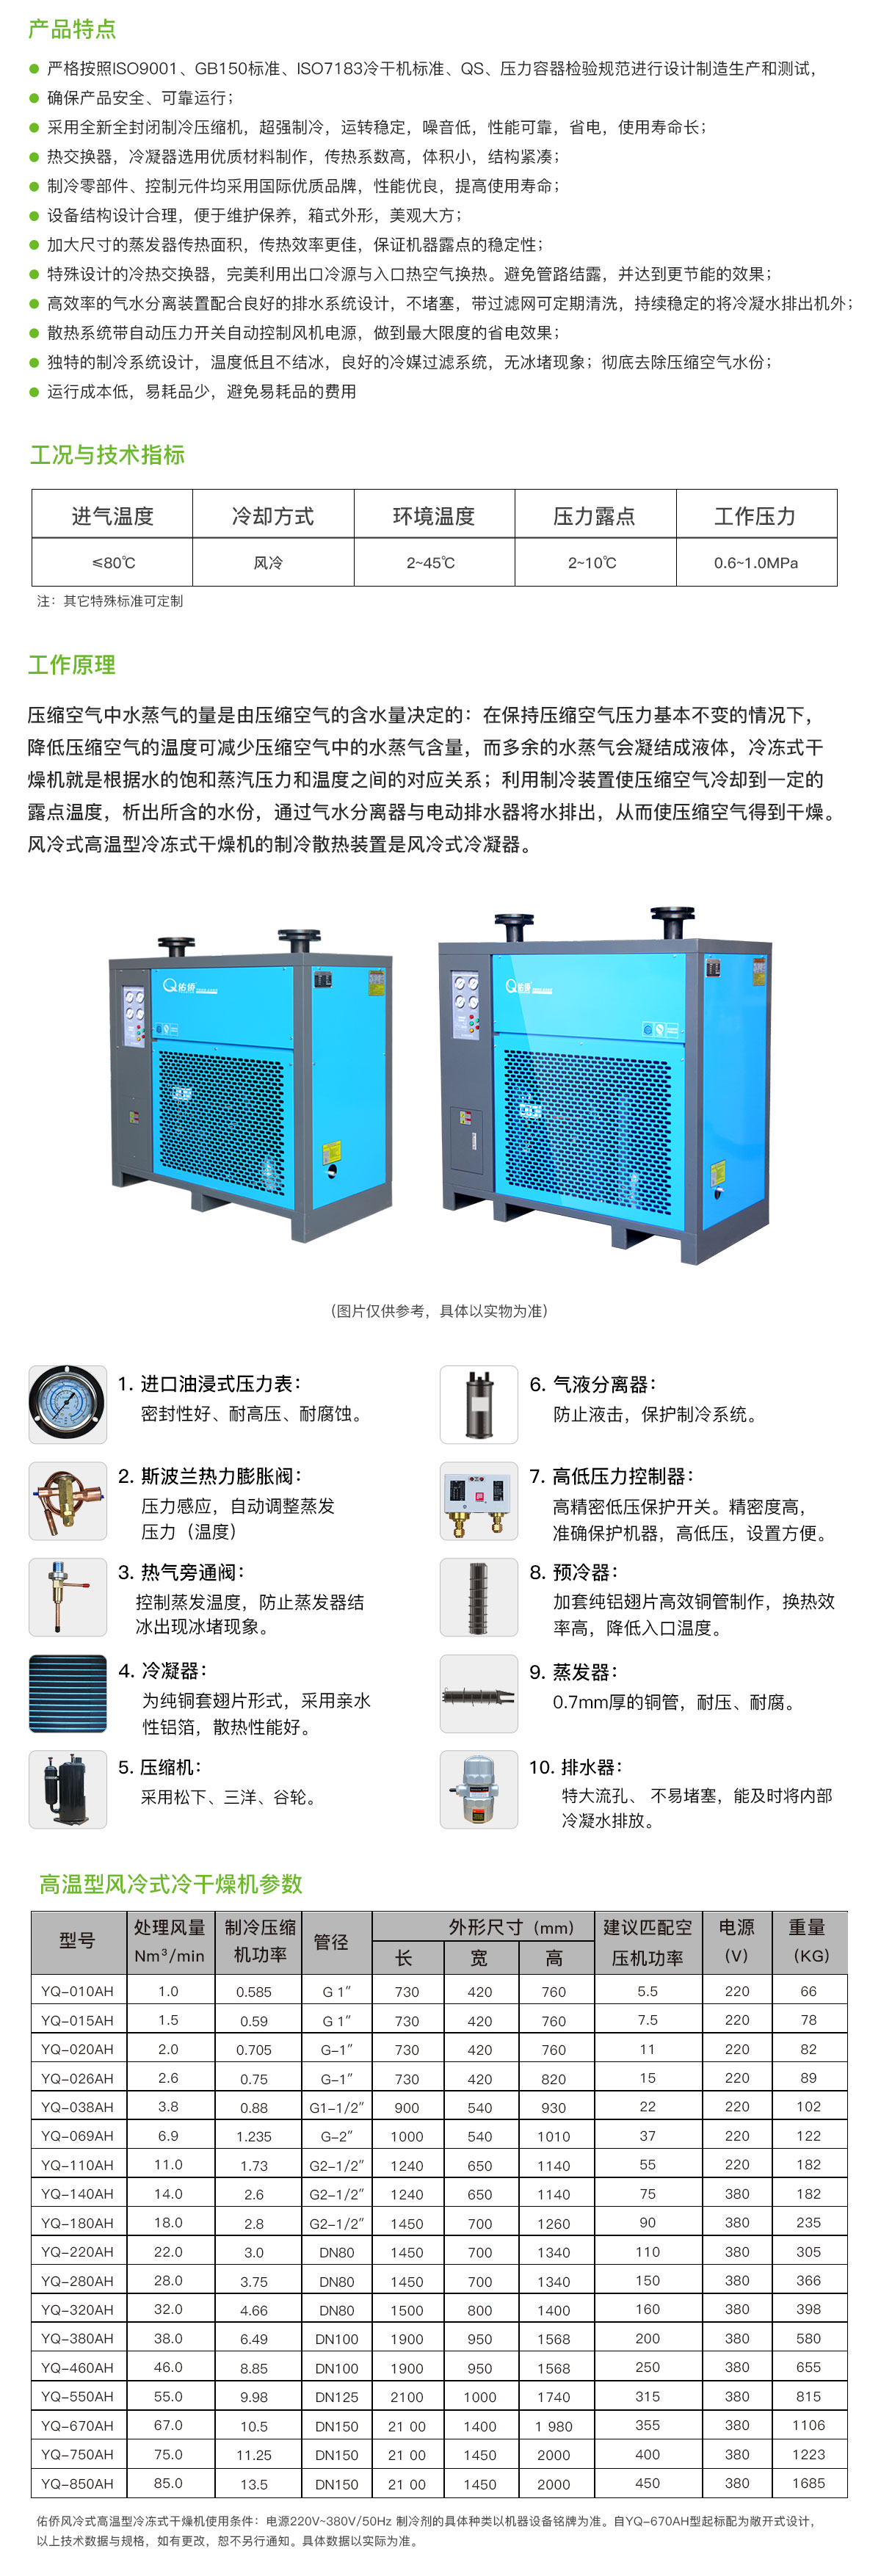 高温型风冷式冷干机